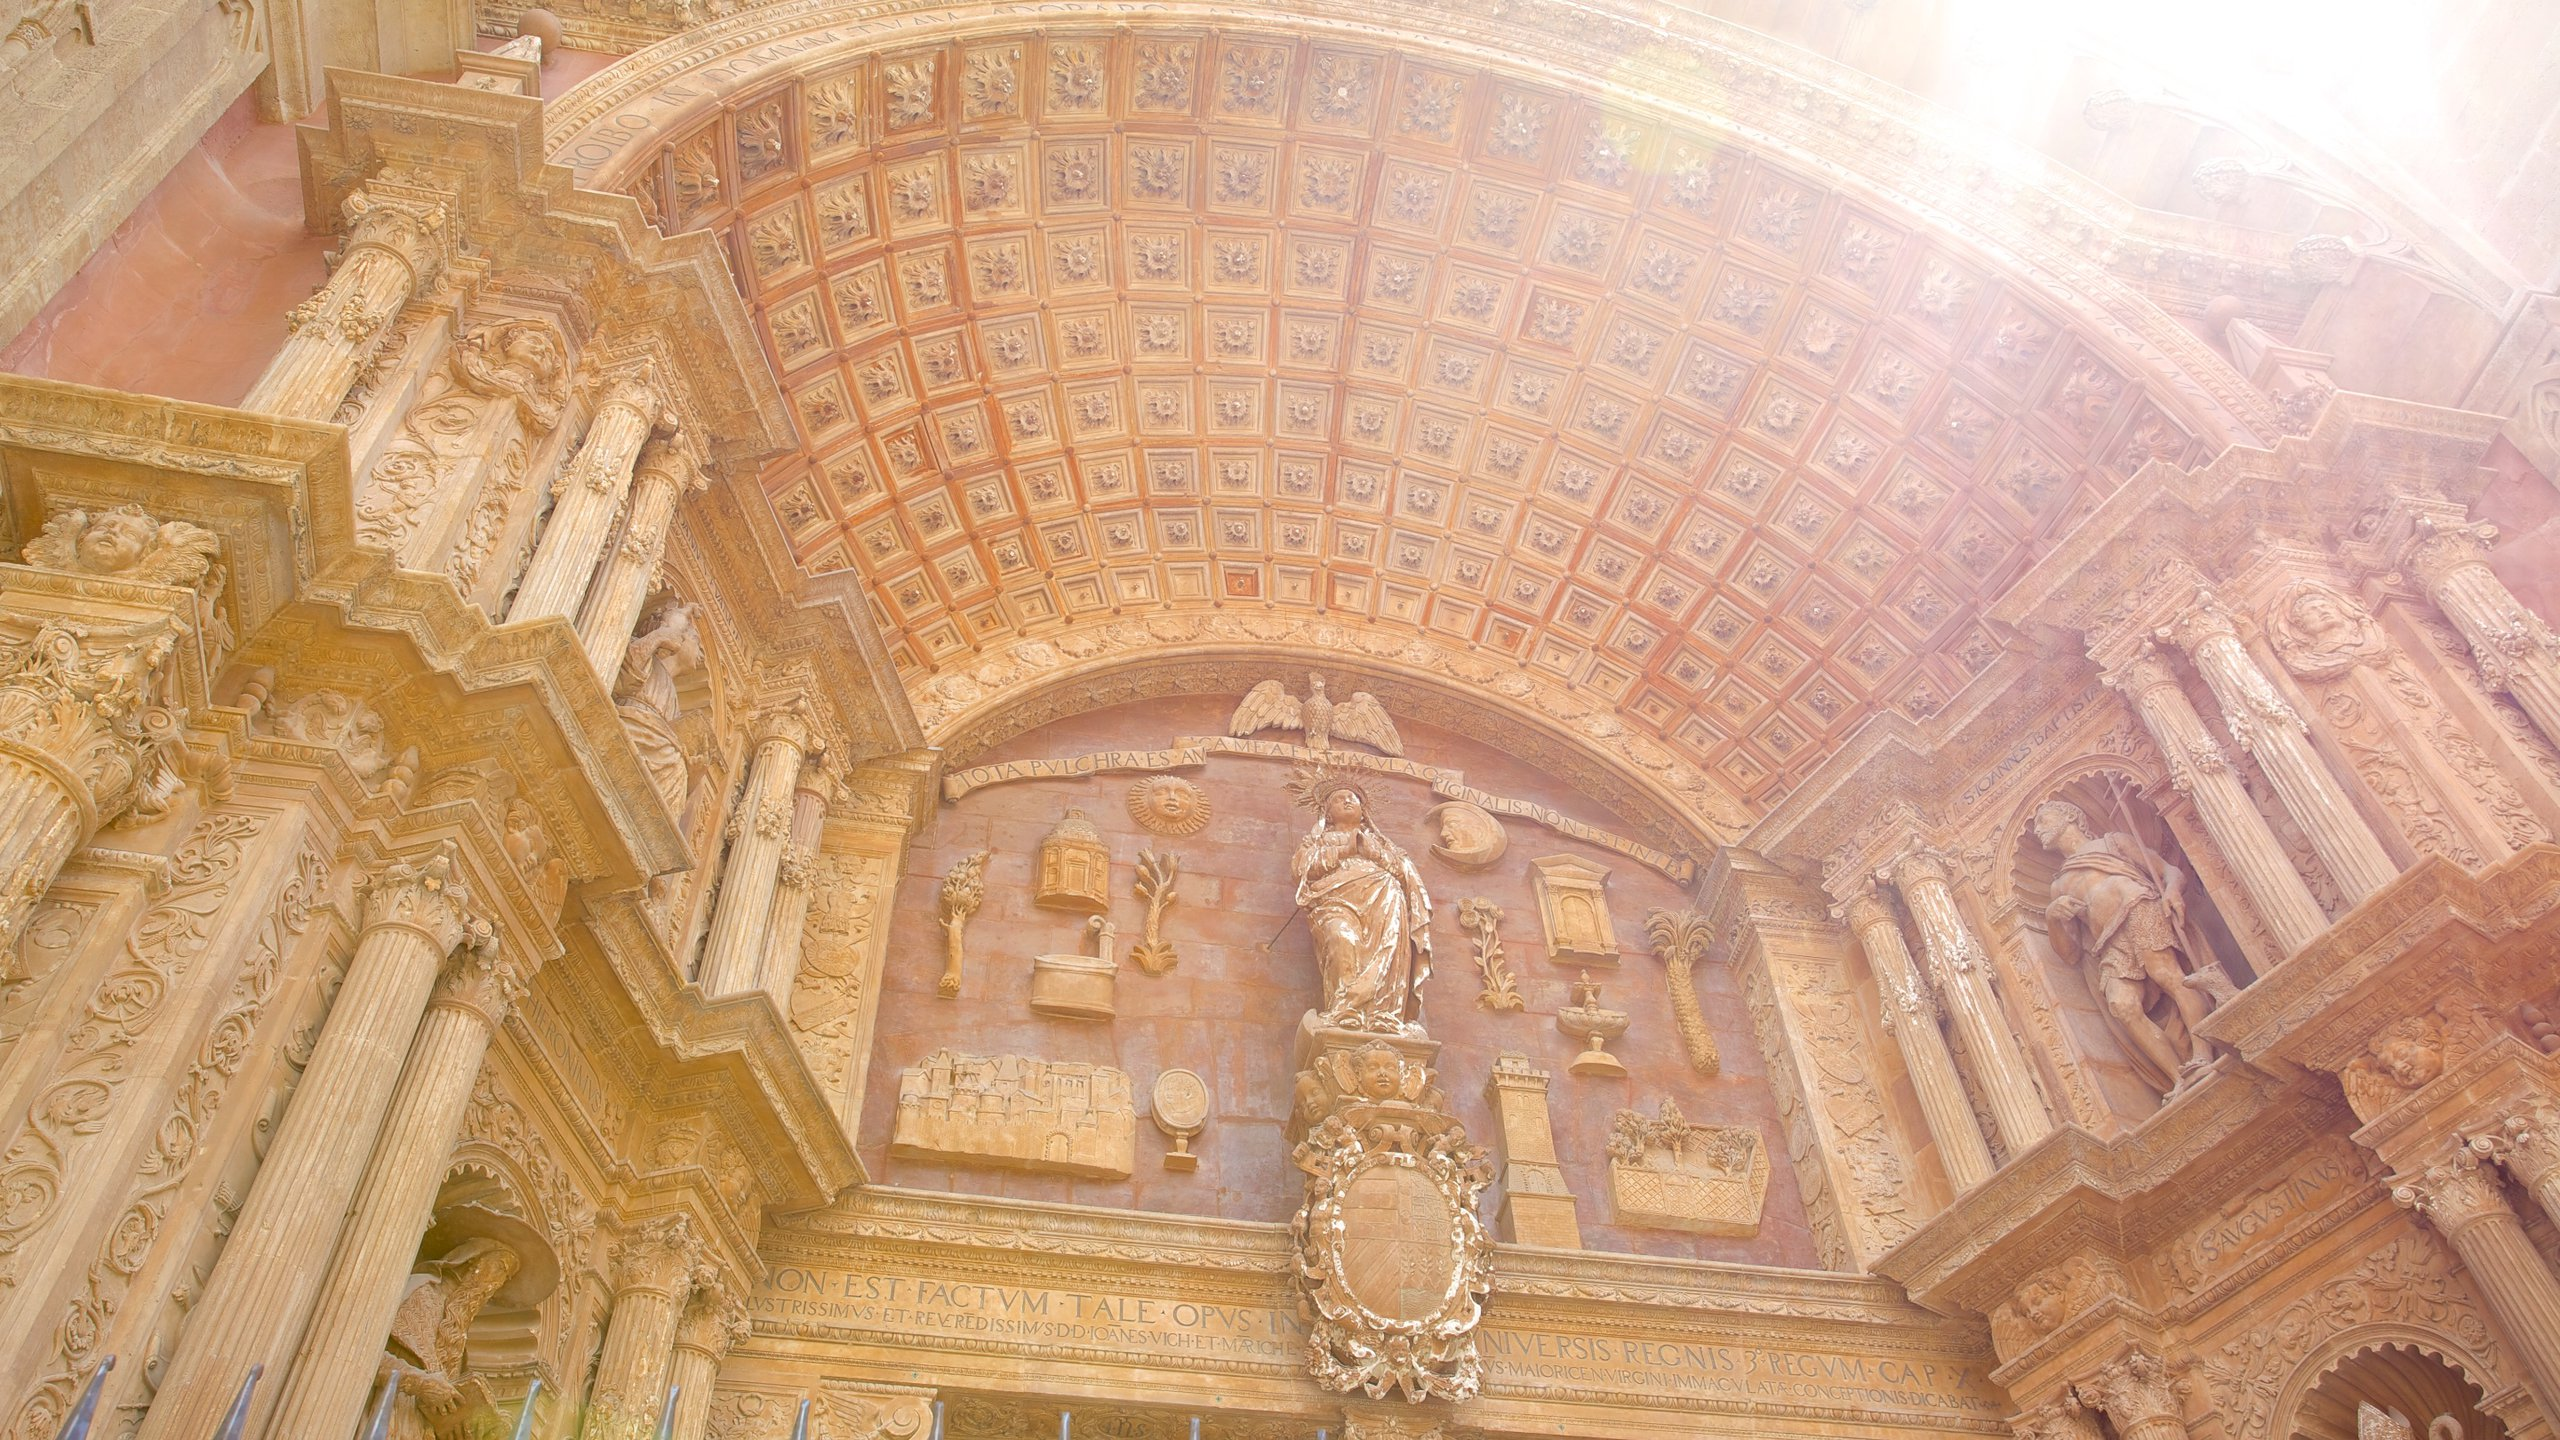 Um dos marcos mais famosos de Maiorca, a Catedral de Maiorca apresenta linda arquitetura gótica e obras de alguns dos maiores artistas espanhóis.